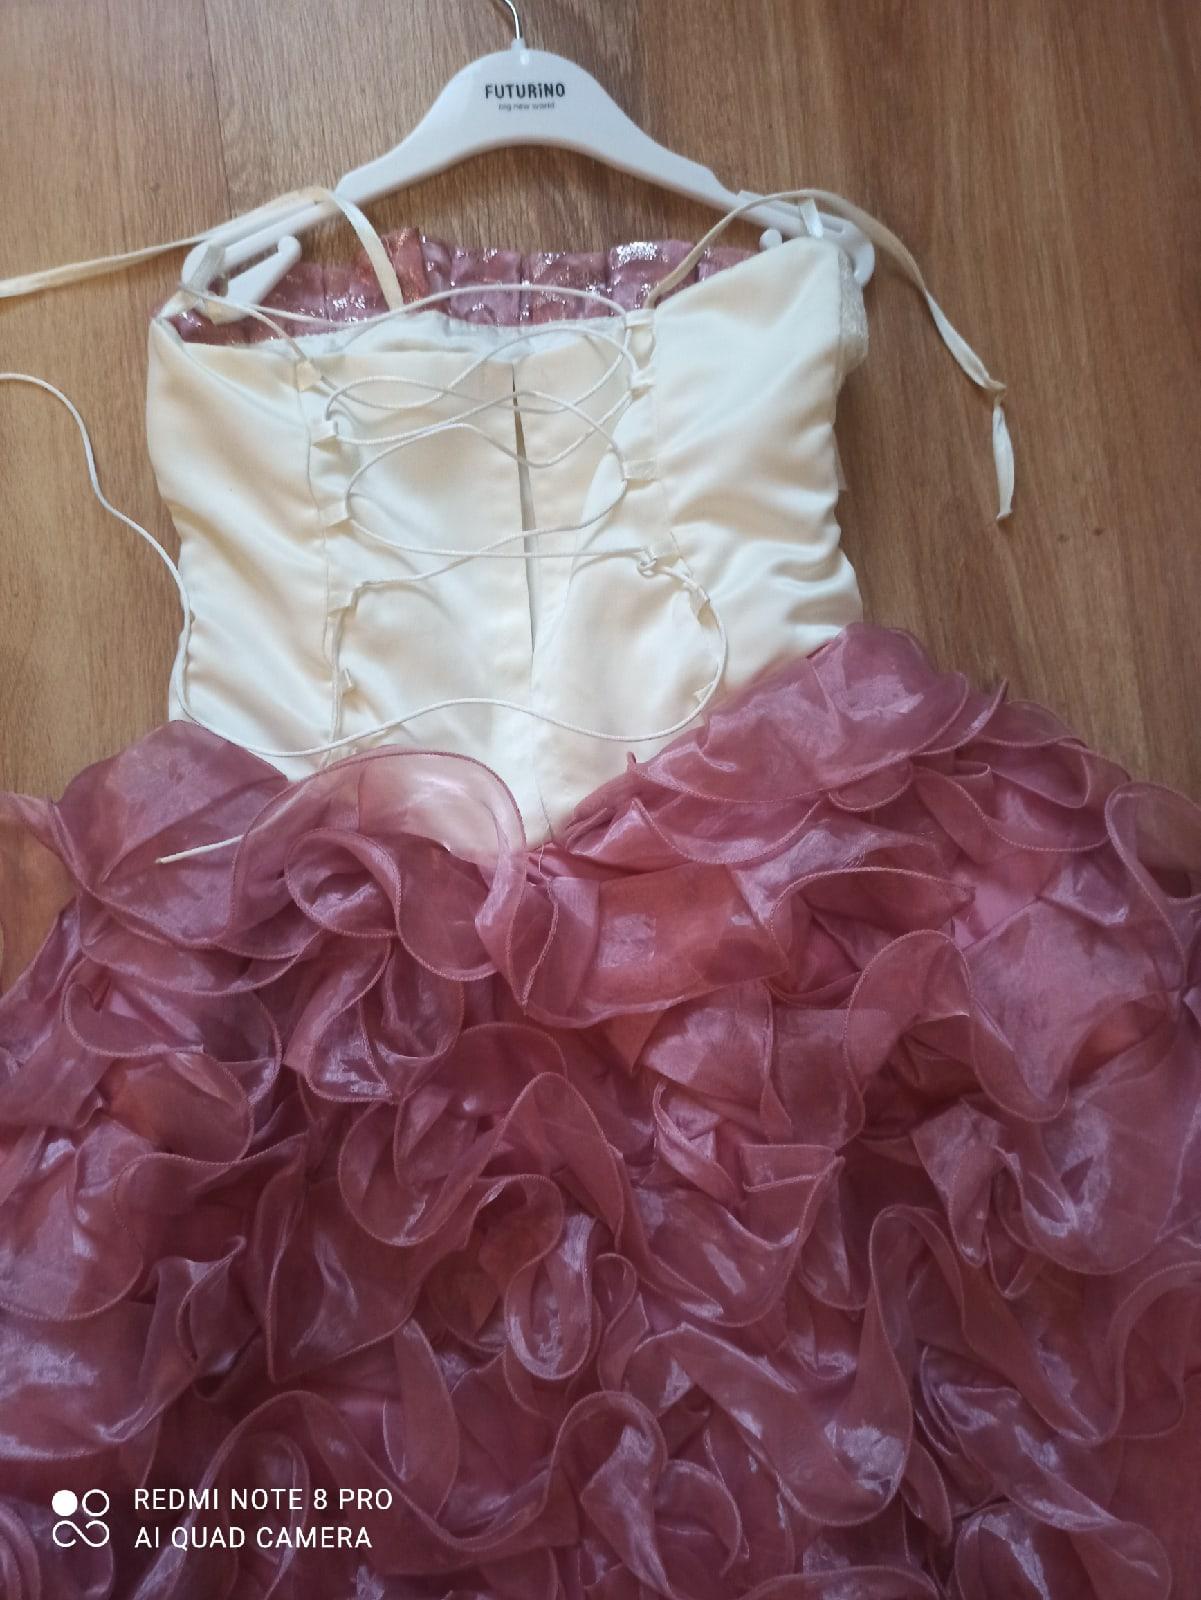 Красивое платье на корсете, имеется подъюбник с 2 кольцами.